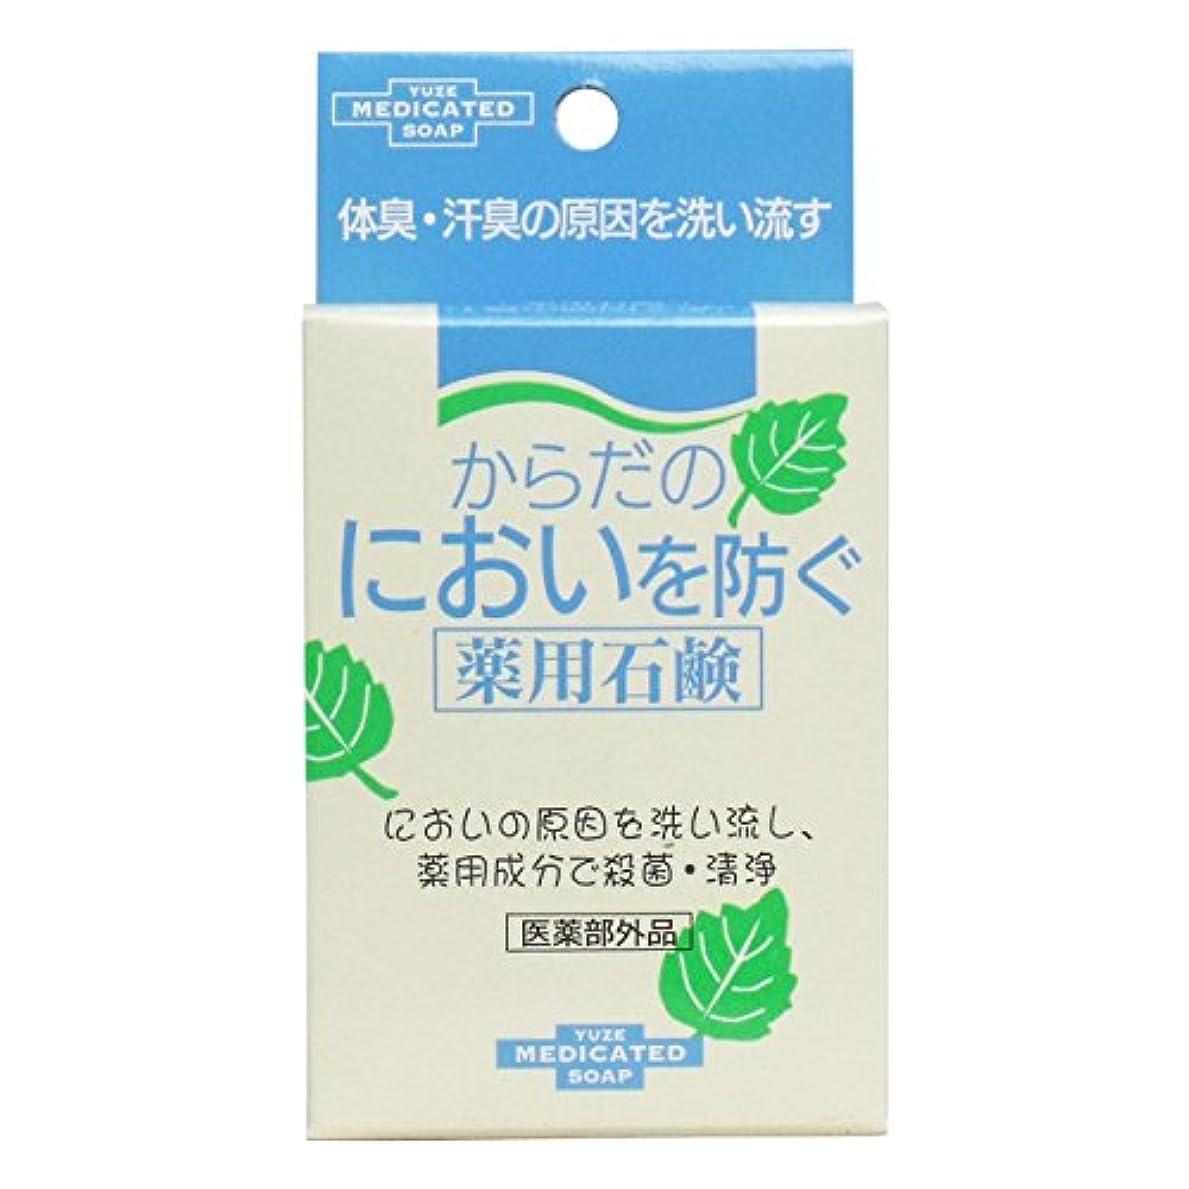 エレベーターパターン育成からだのにおいを防ぐ薬用石鹸 110g ユゼ